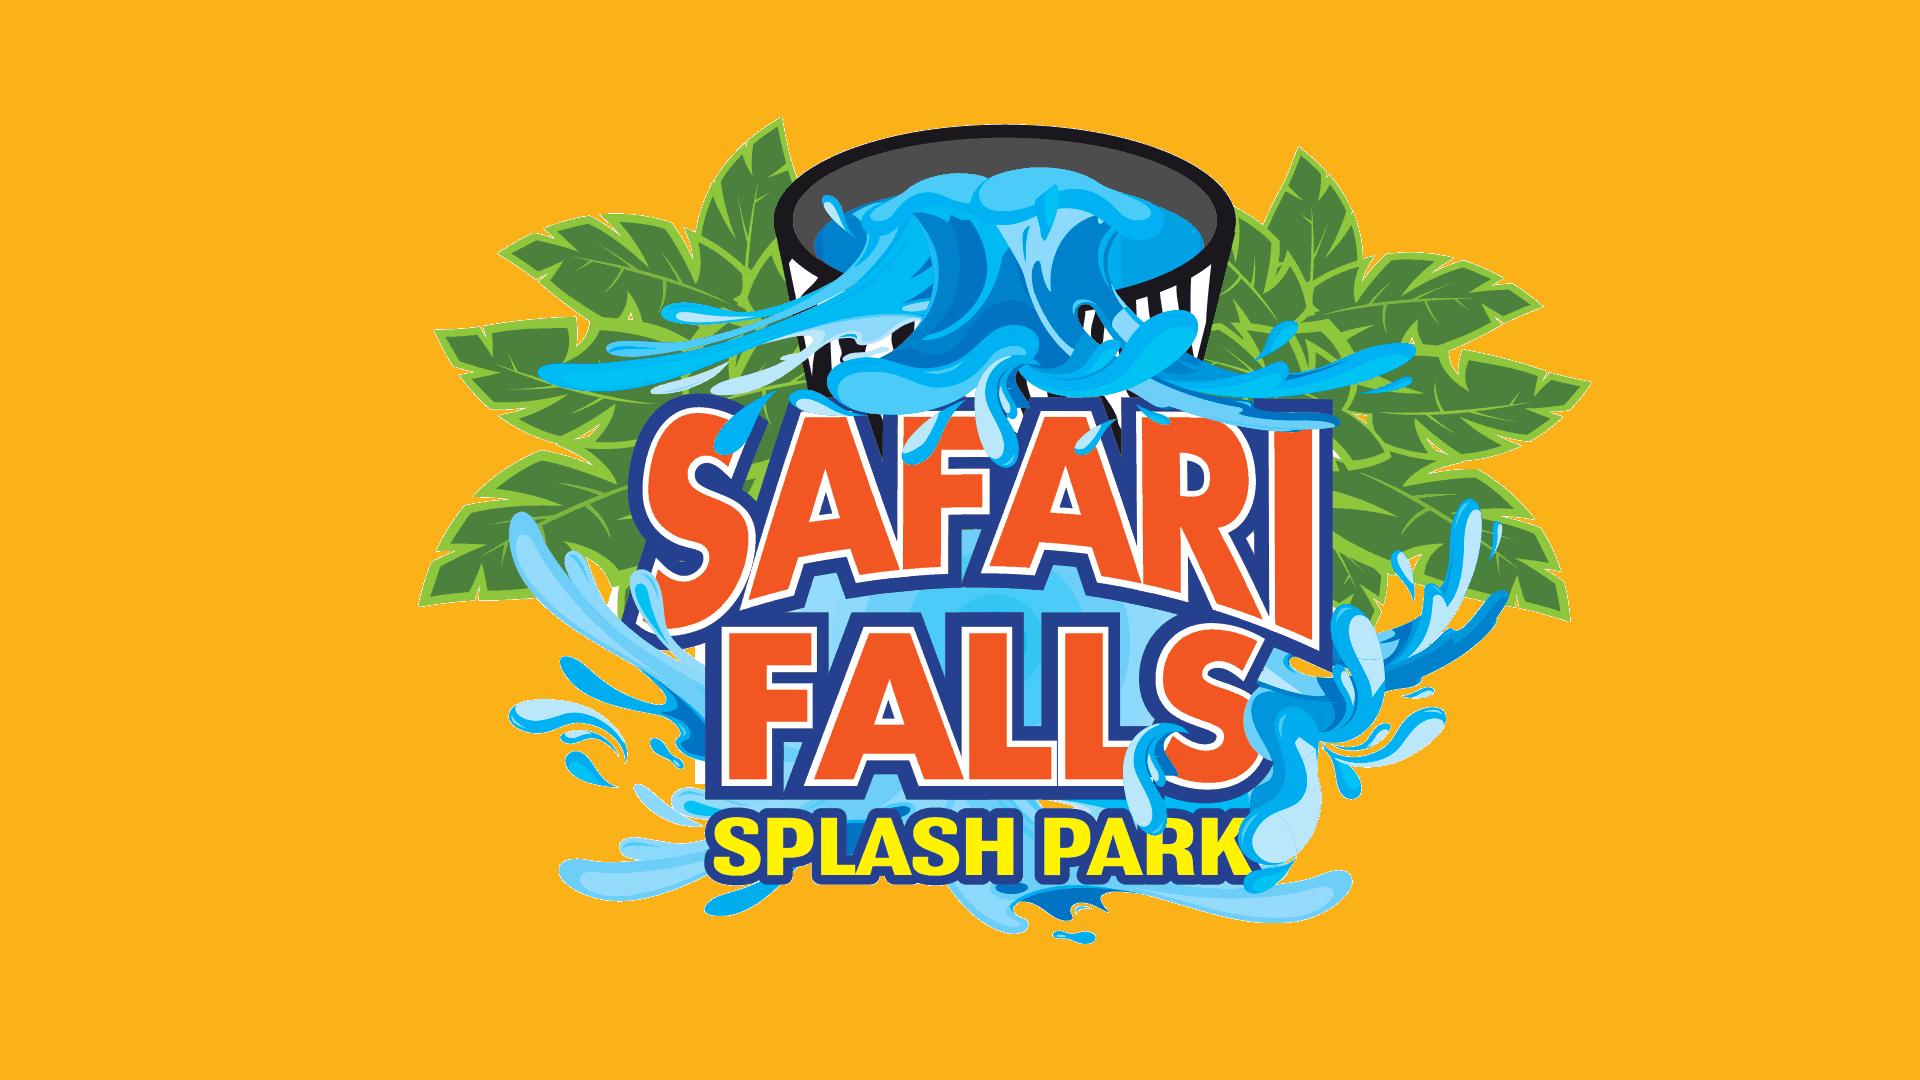 Safari Falls Splash Park